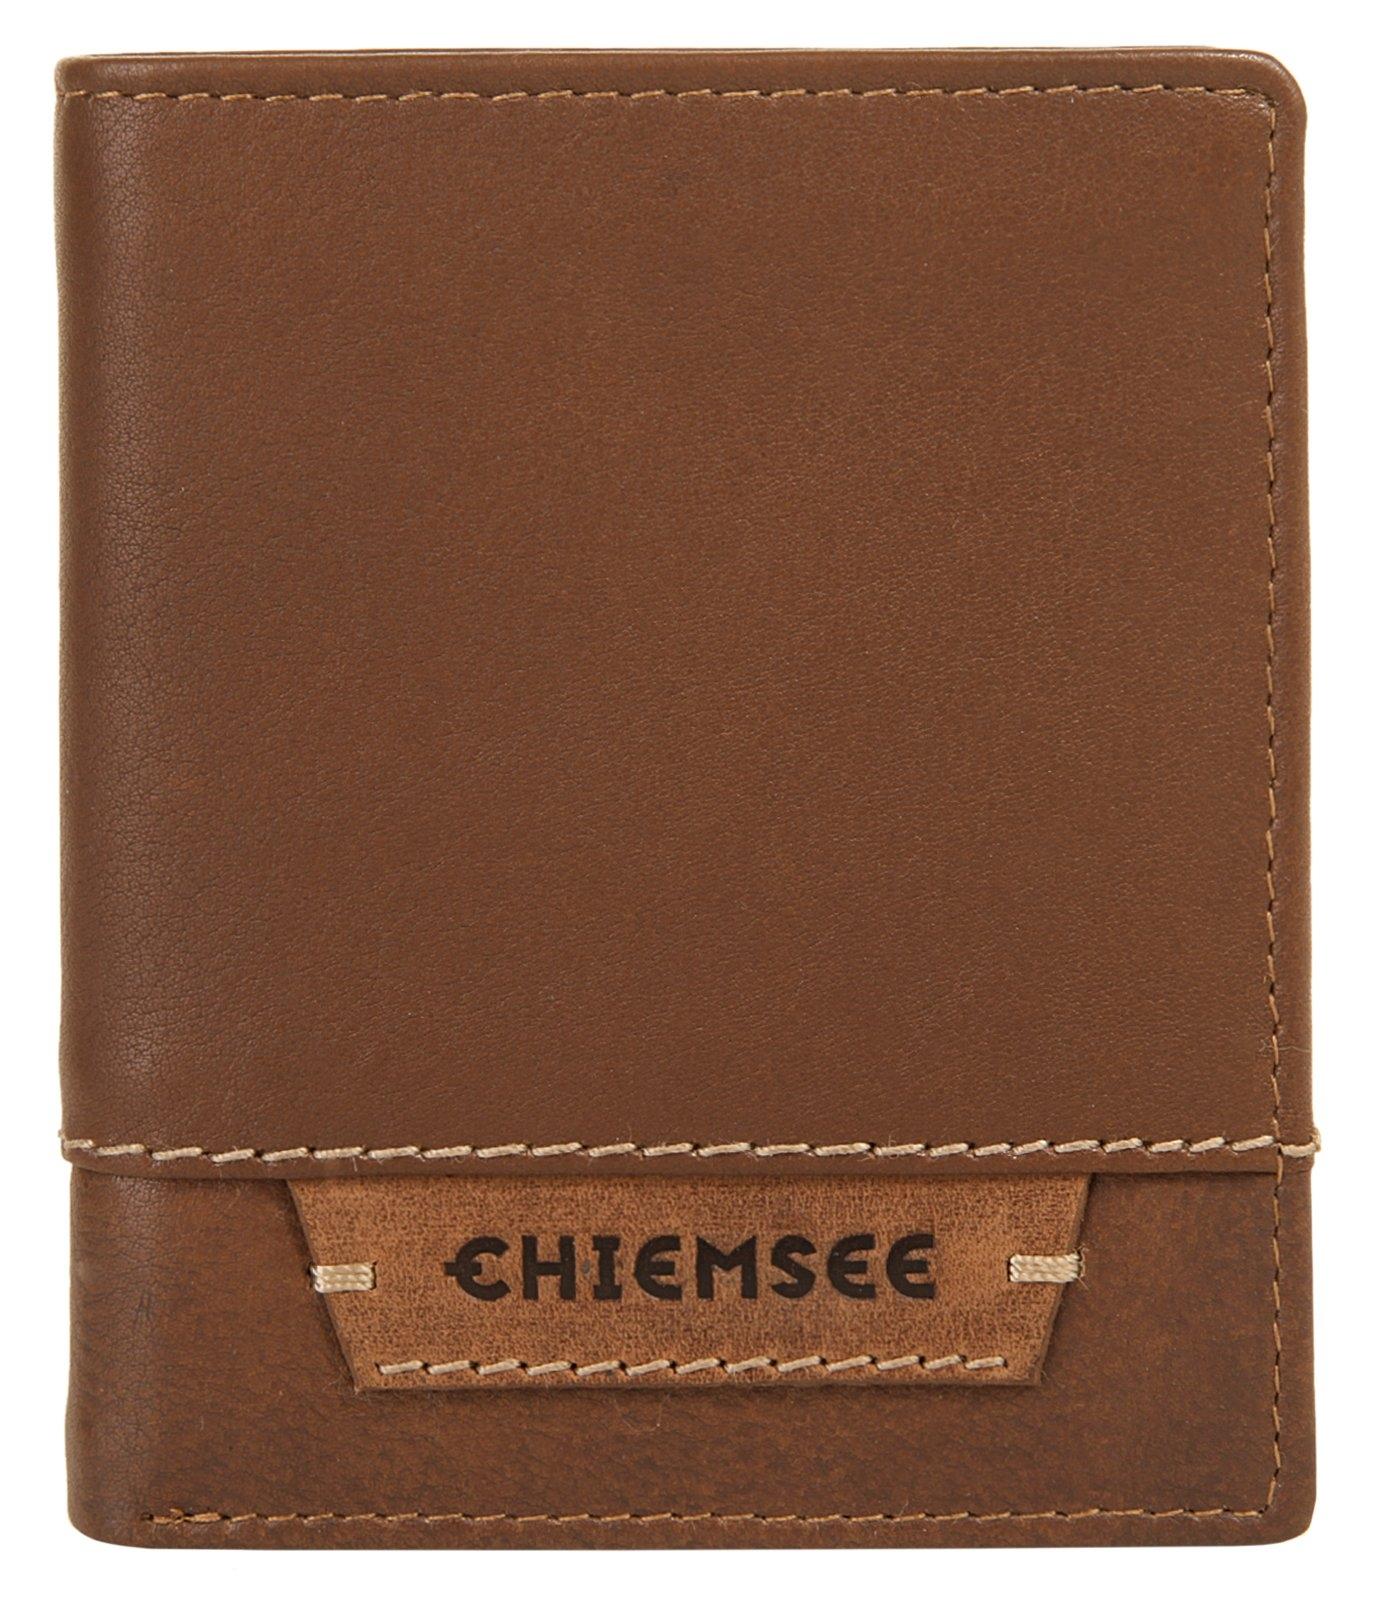 CHIEMSEE portemonnee »PARAGUAY« voordelig en veilig online kopen